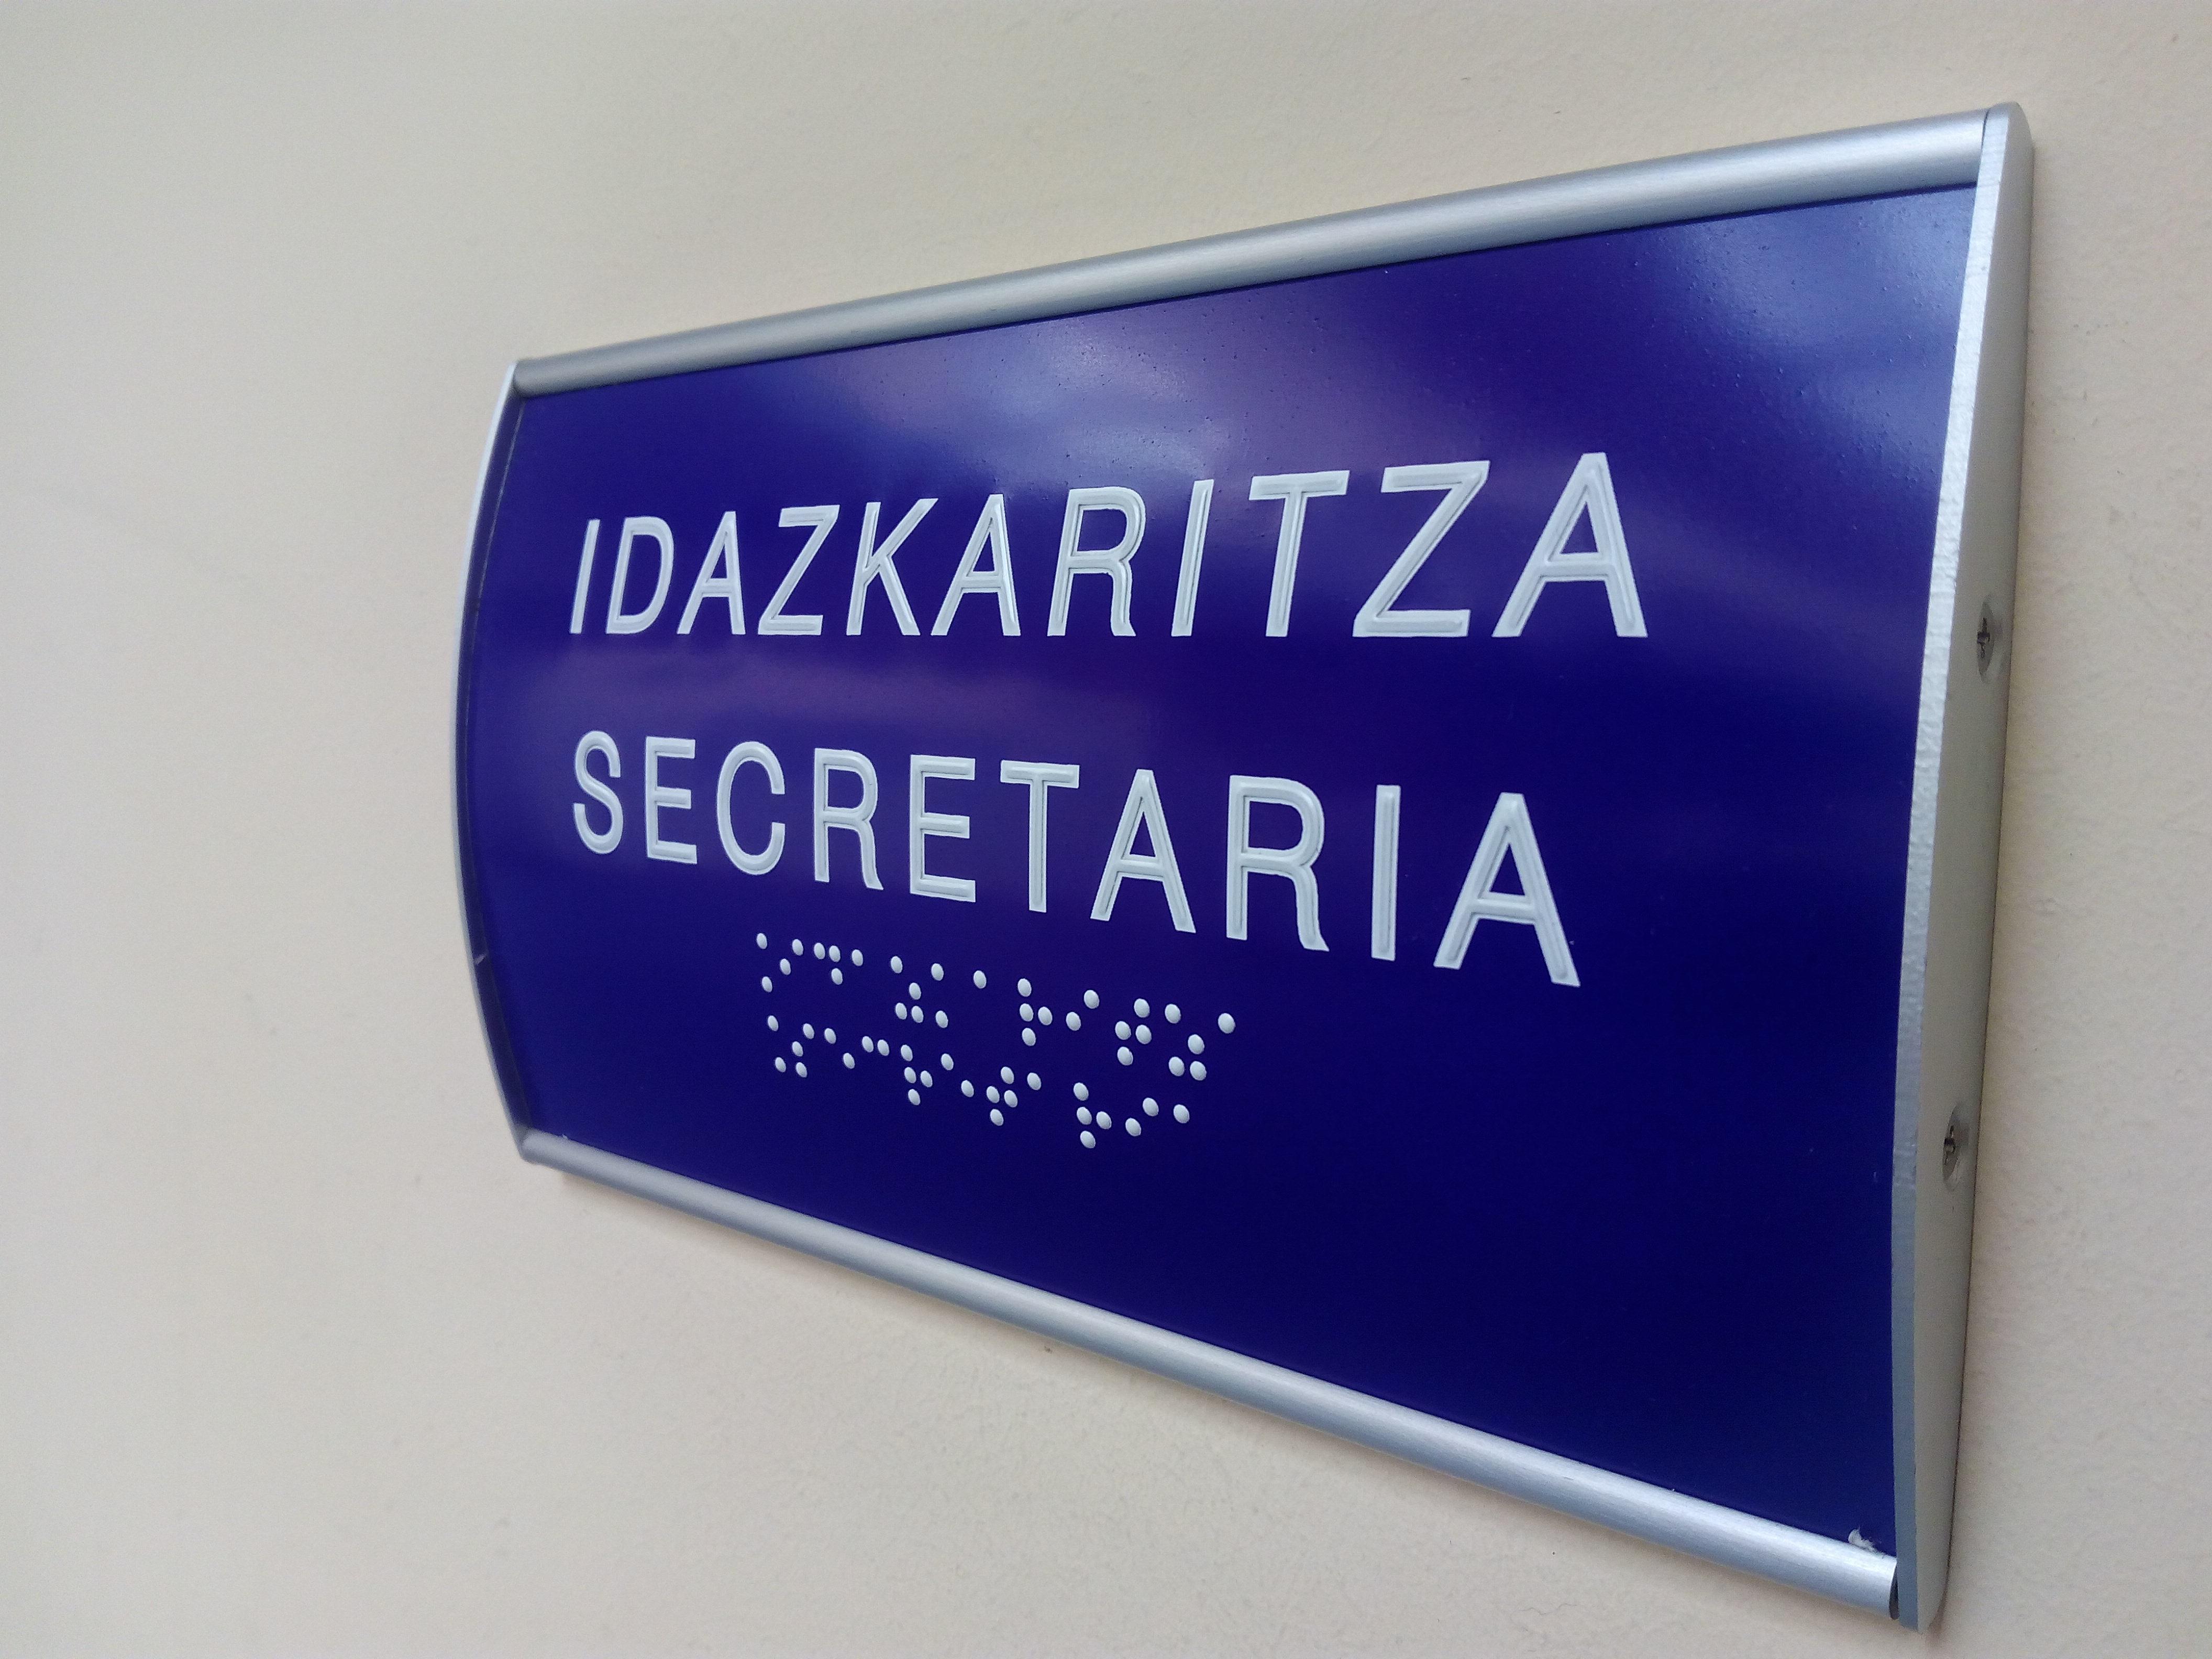 Idazkaritza